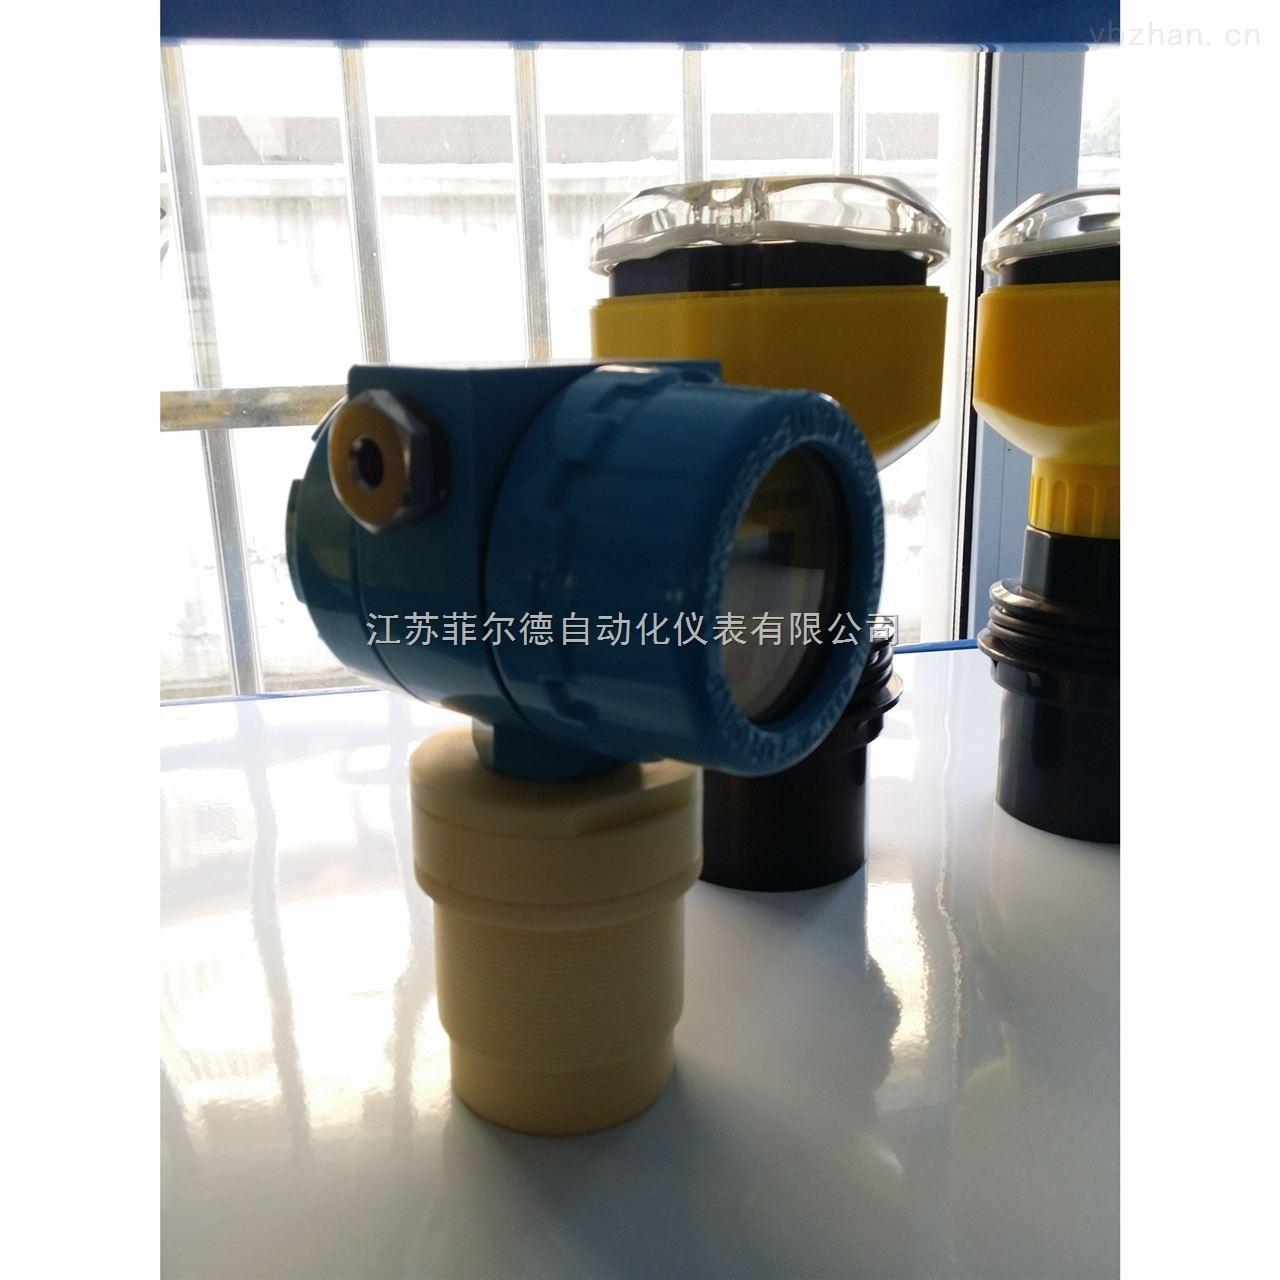 一体式防爆超声波液位计生产厂家